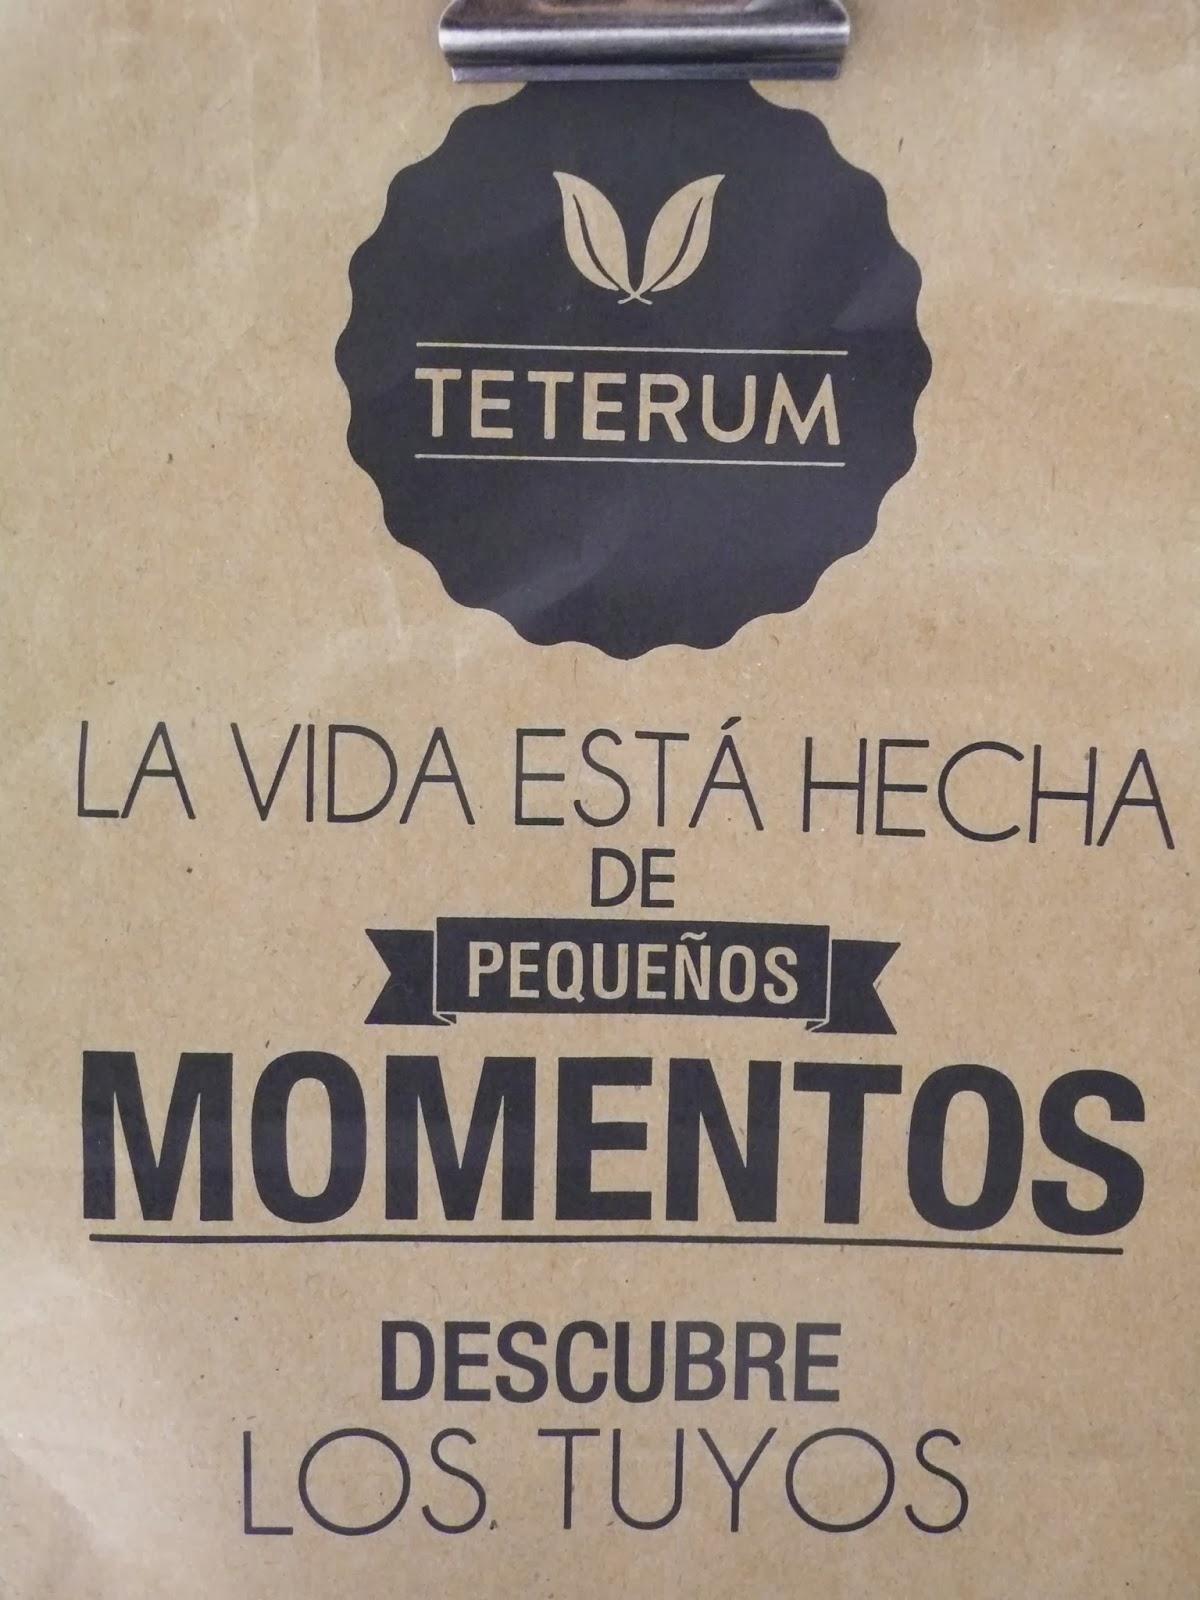 http://www.teterum.es